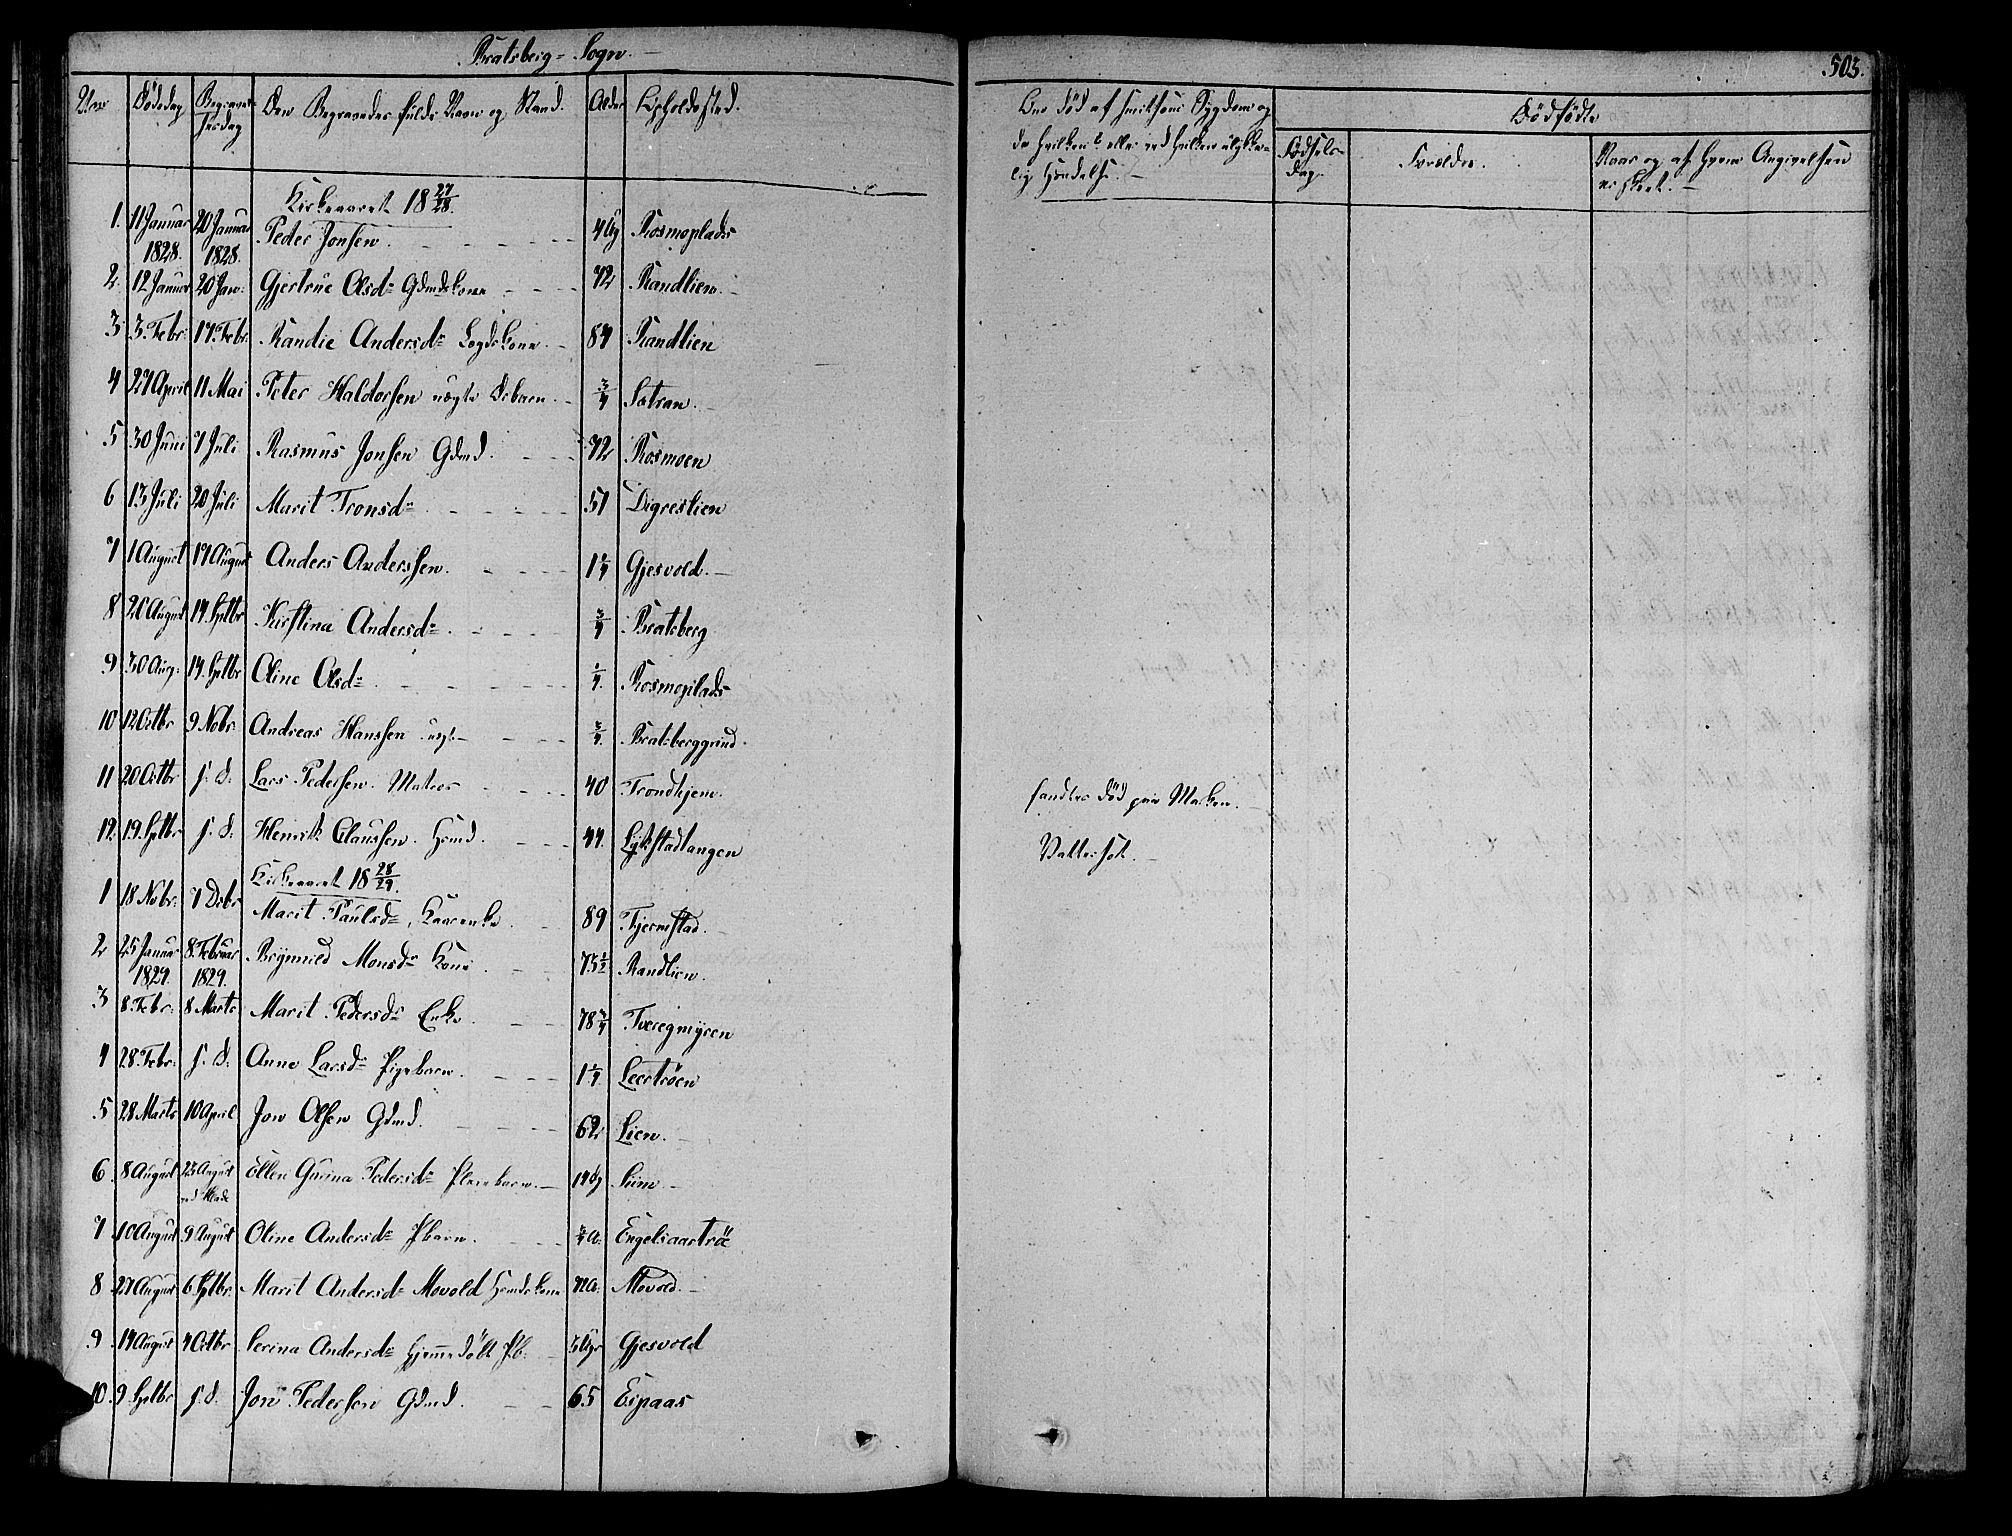 SAT, Ministerialprotokoller, klokkerbøker og fødselsregistre - Sør-Trøndelag, 606/L0289: Ministerialbok nr. 606A04 /4, 1826-1840, s. 503